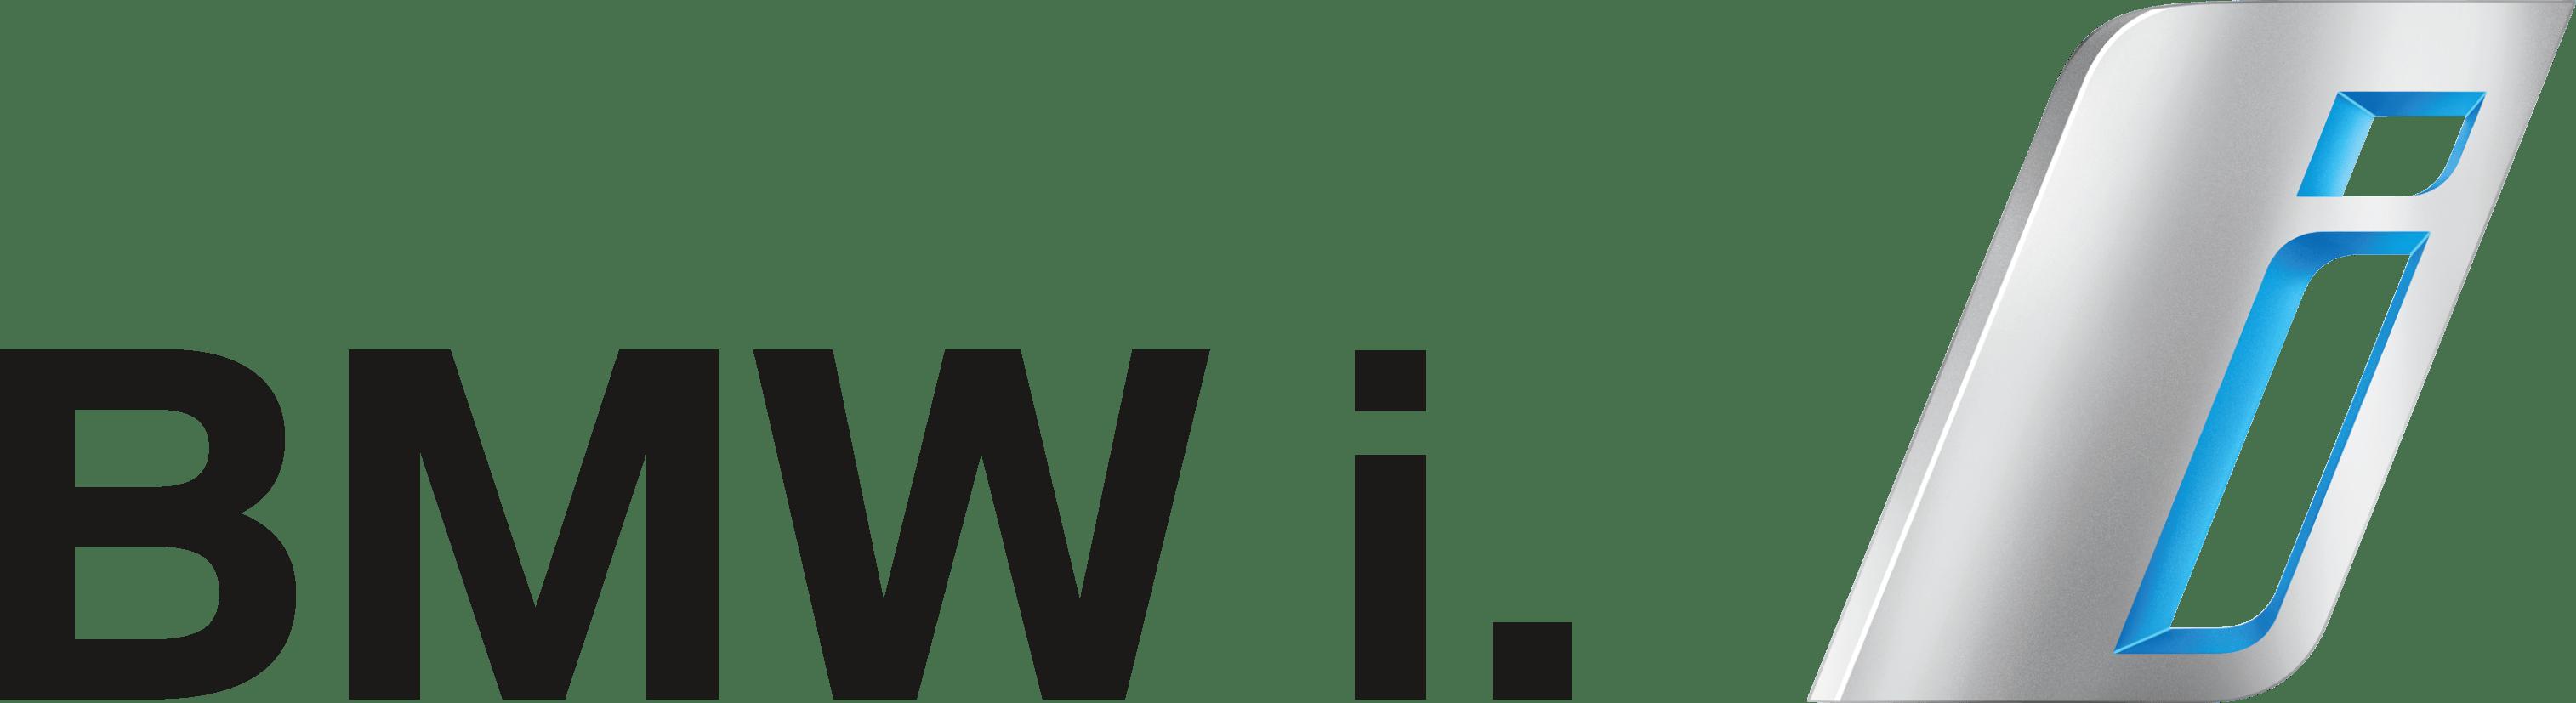 BMWi.png 3 029×827 пиксел. car logo Pinterest Car